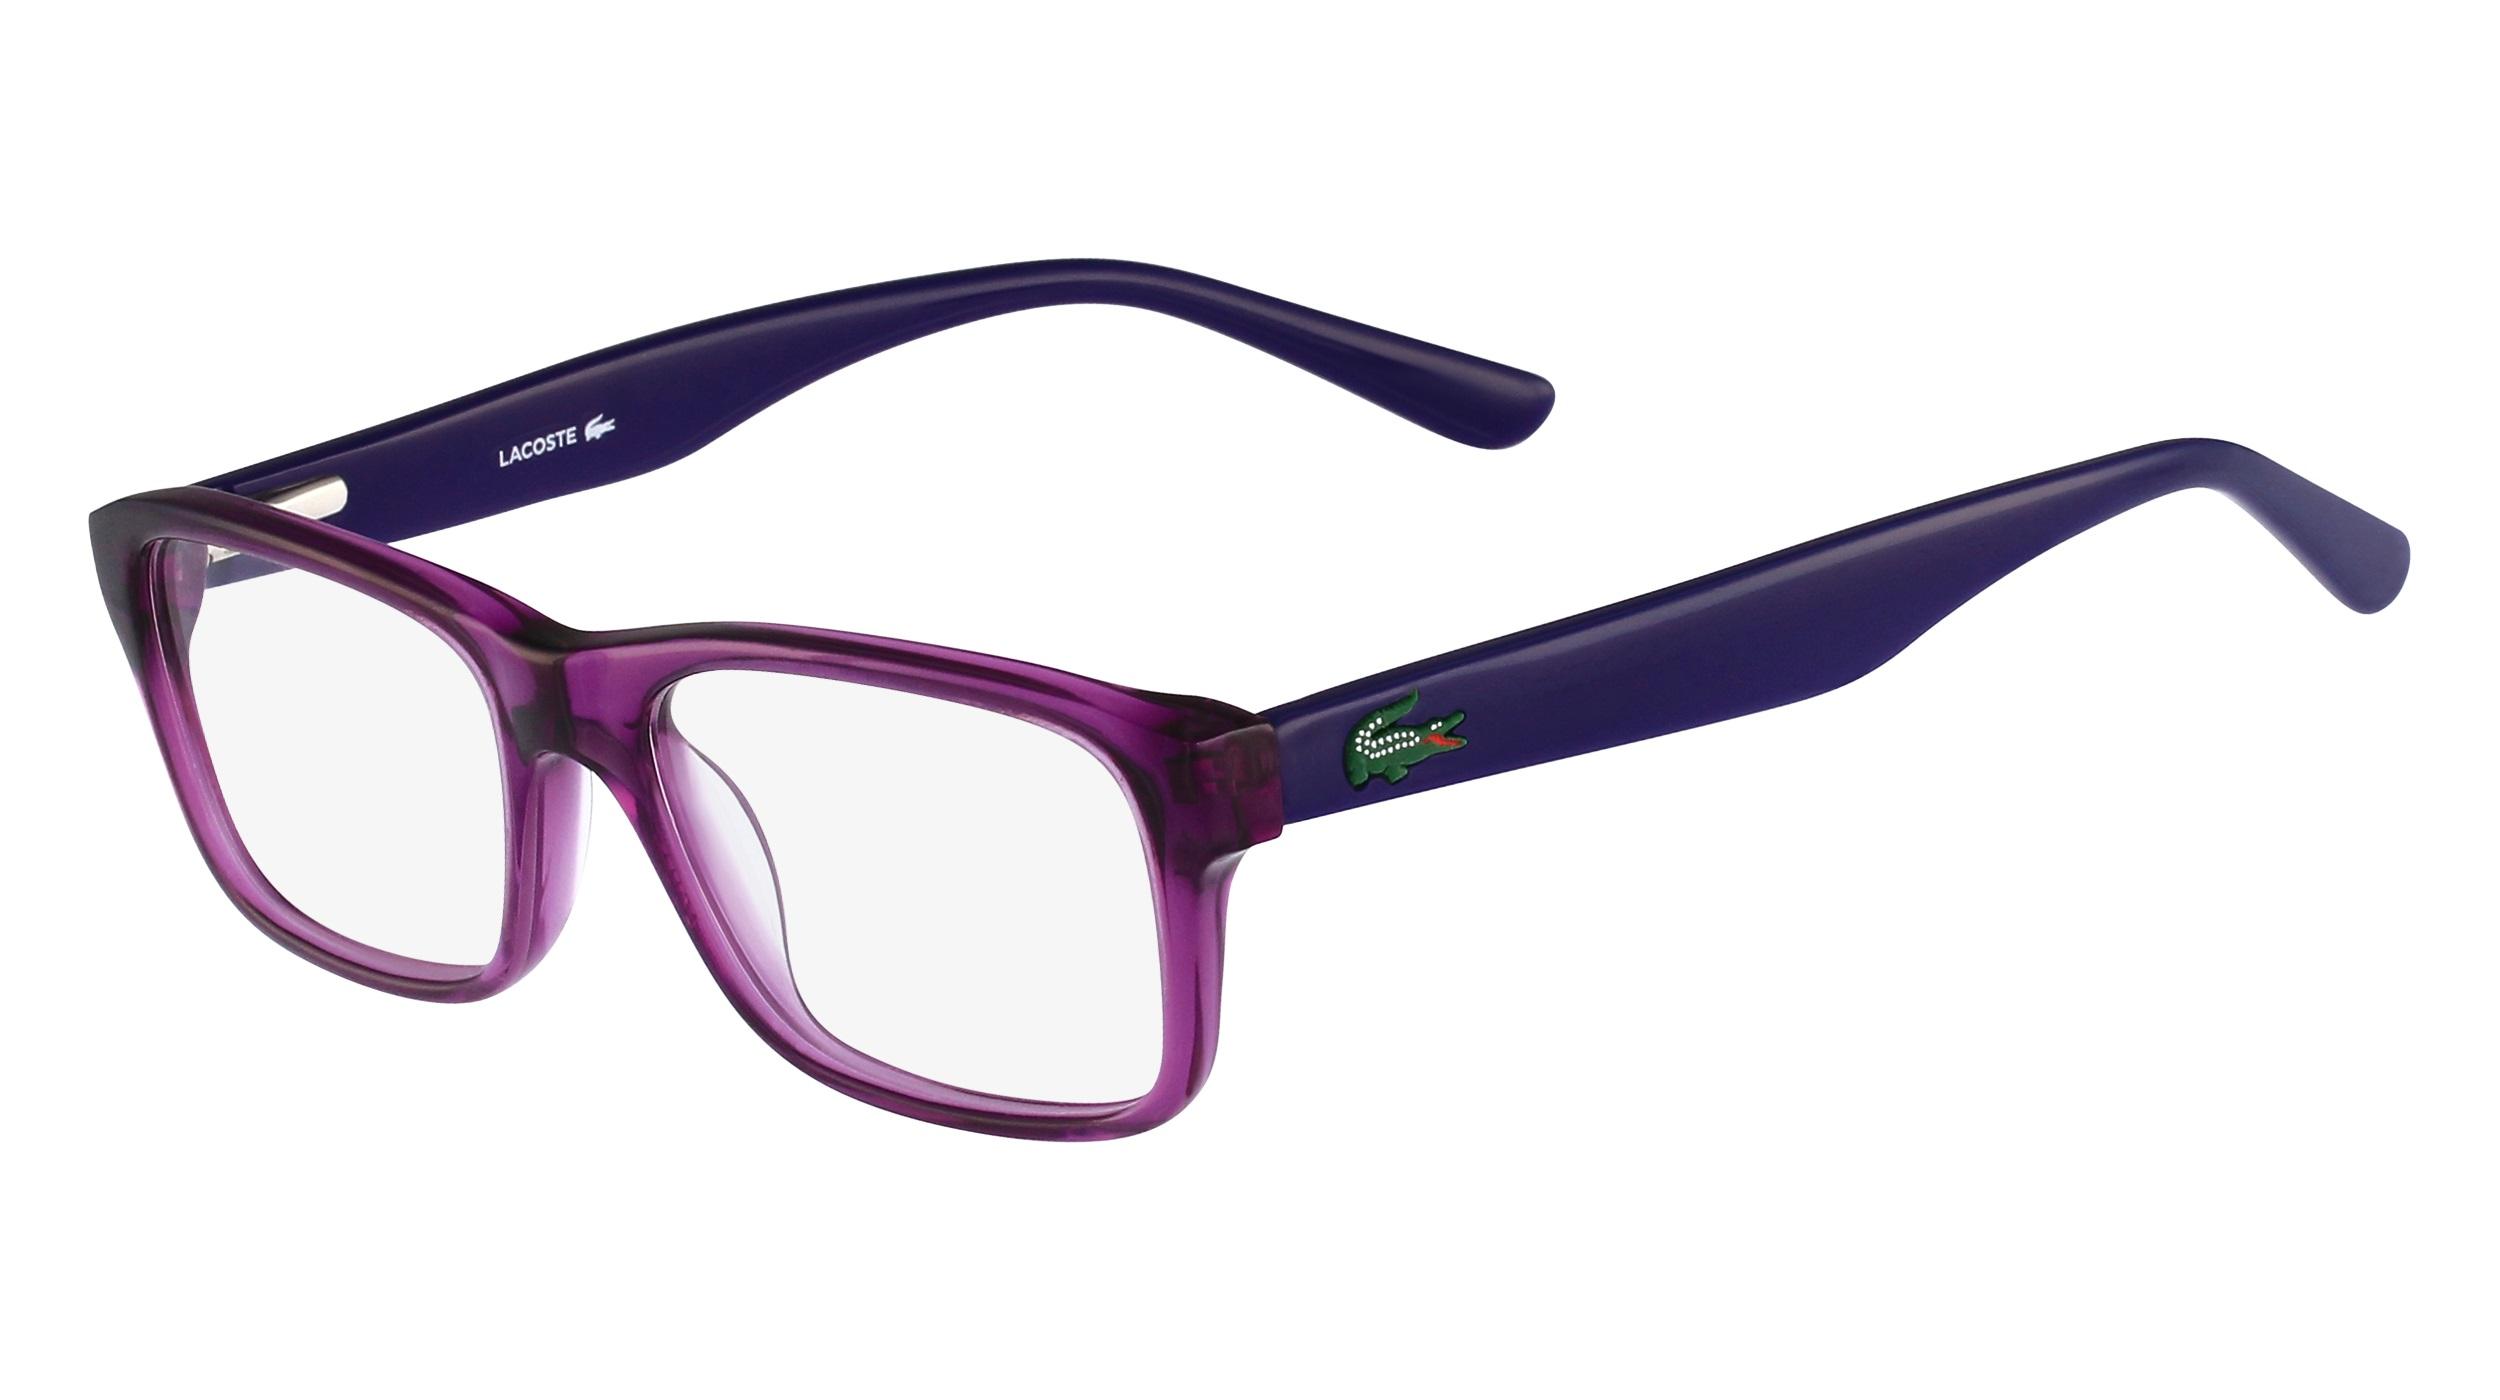 4af93a21f60 Kids Glasses - Girl Lacoste - Optiwow